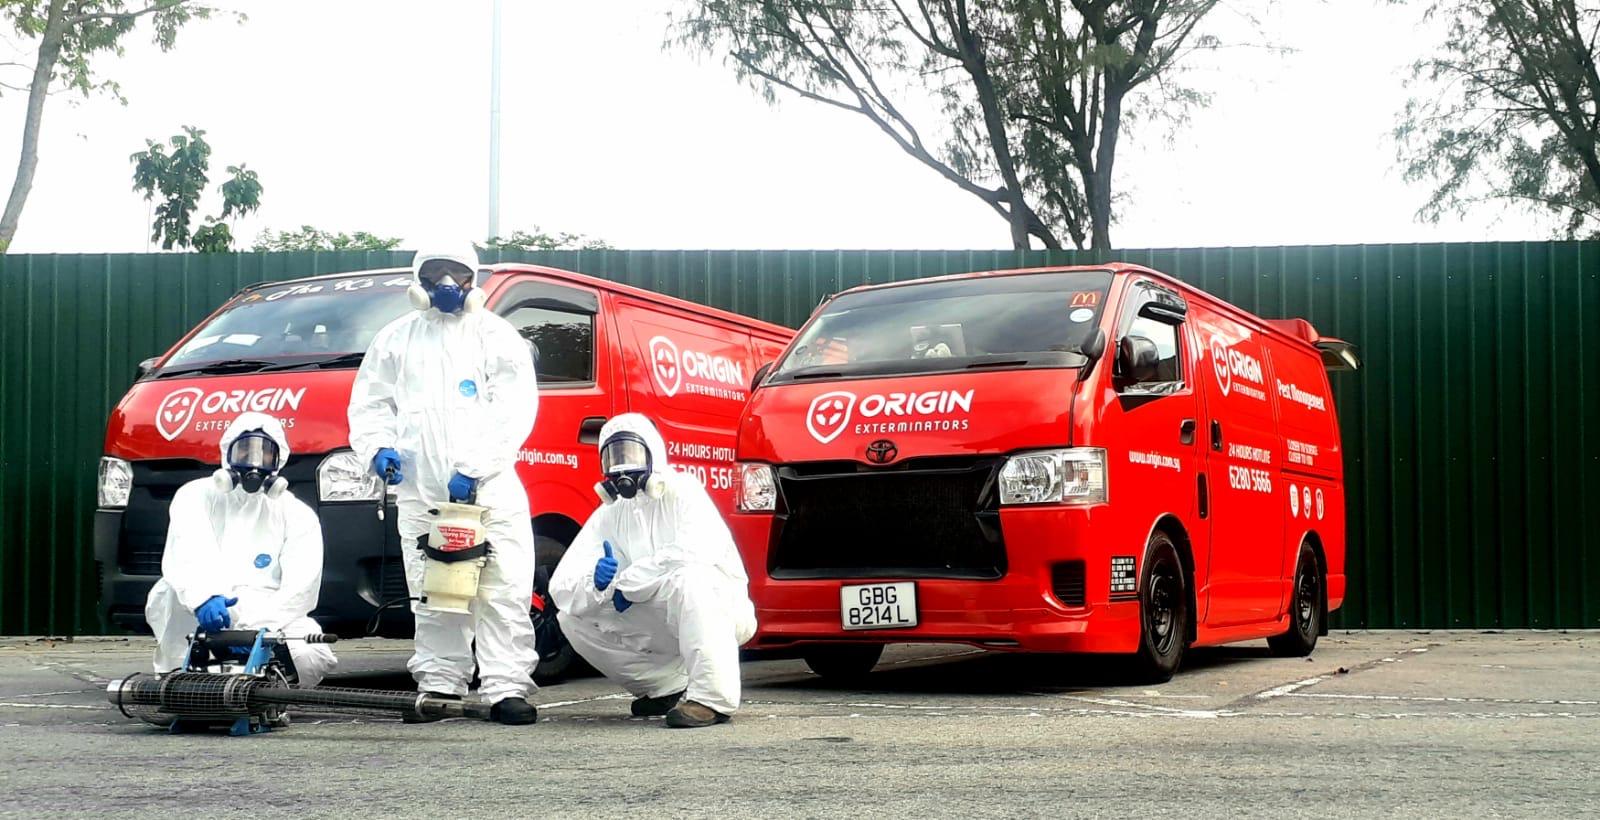 ORIGIN Exterminators